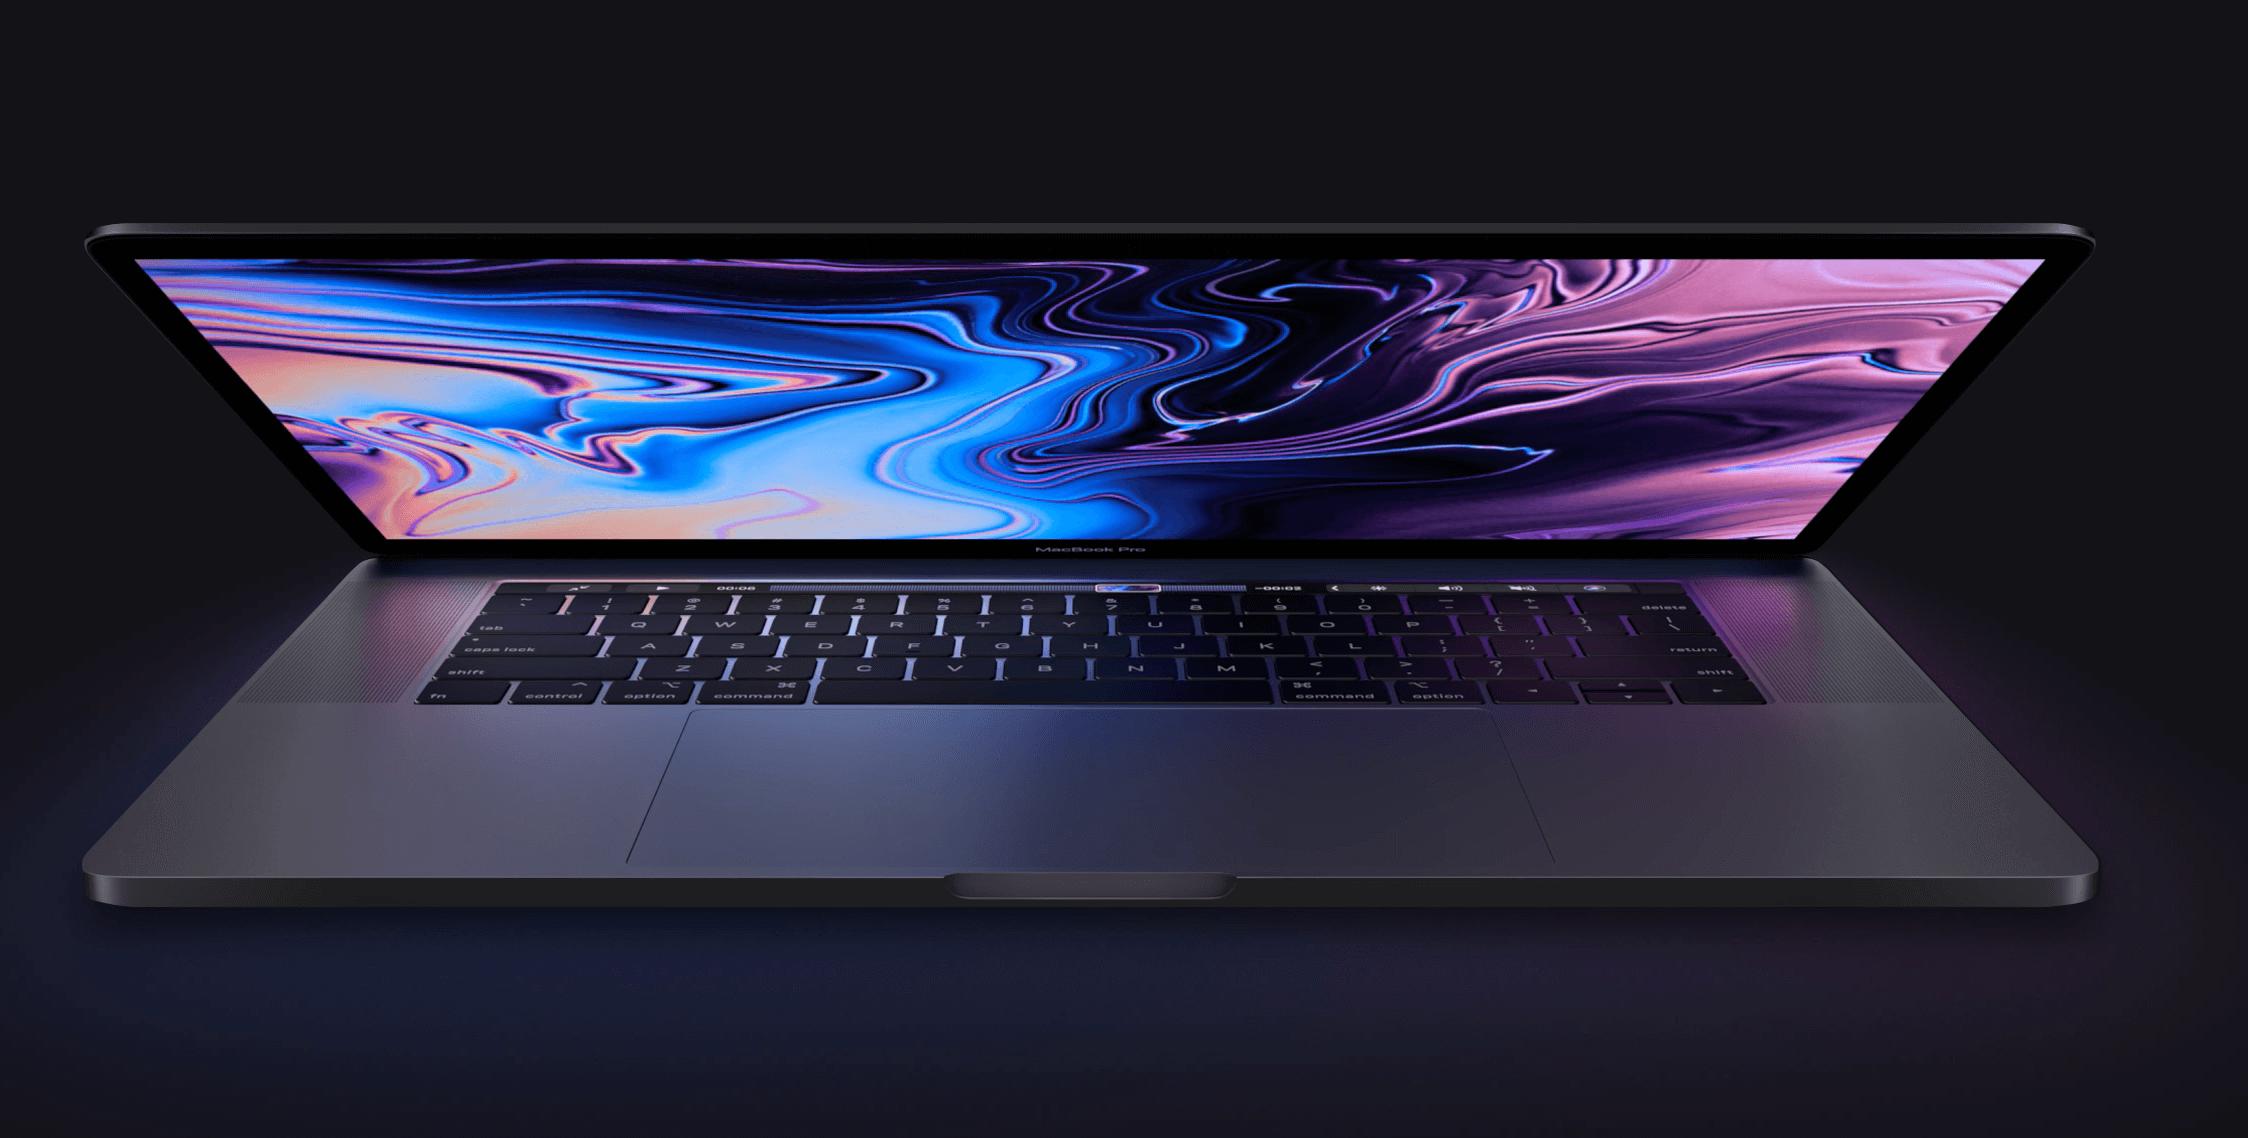 MacBook Pro 16 Zoll: Launch noch in dieser Woche?